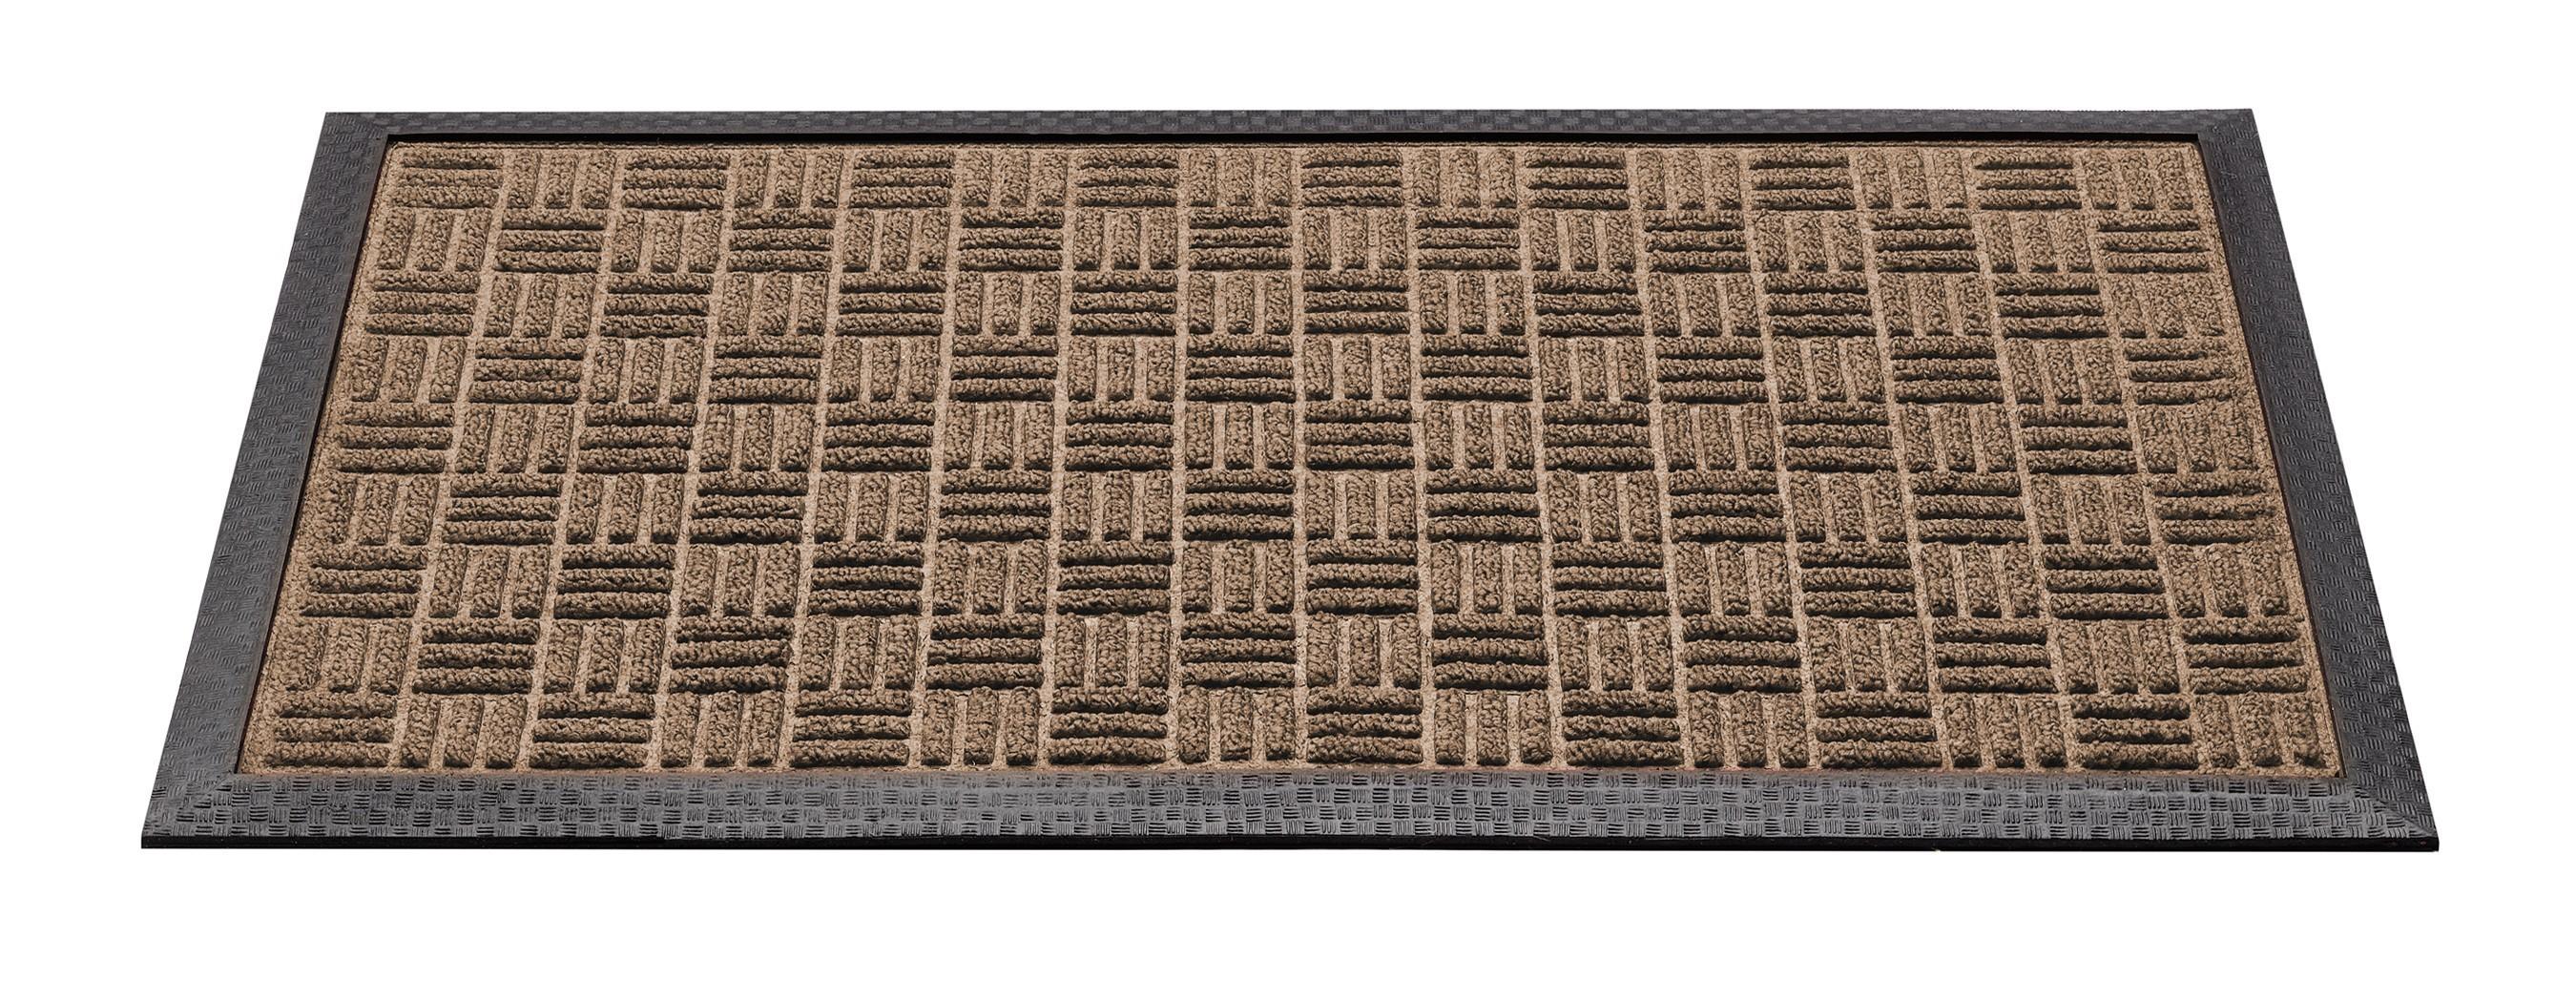 Hamat Fußmatte / Außenmatte Supreme 40x60cm beige Bild 1